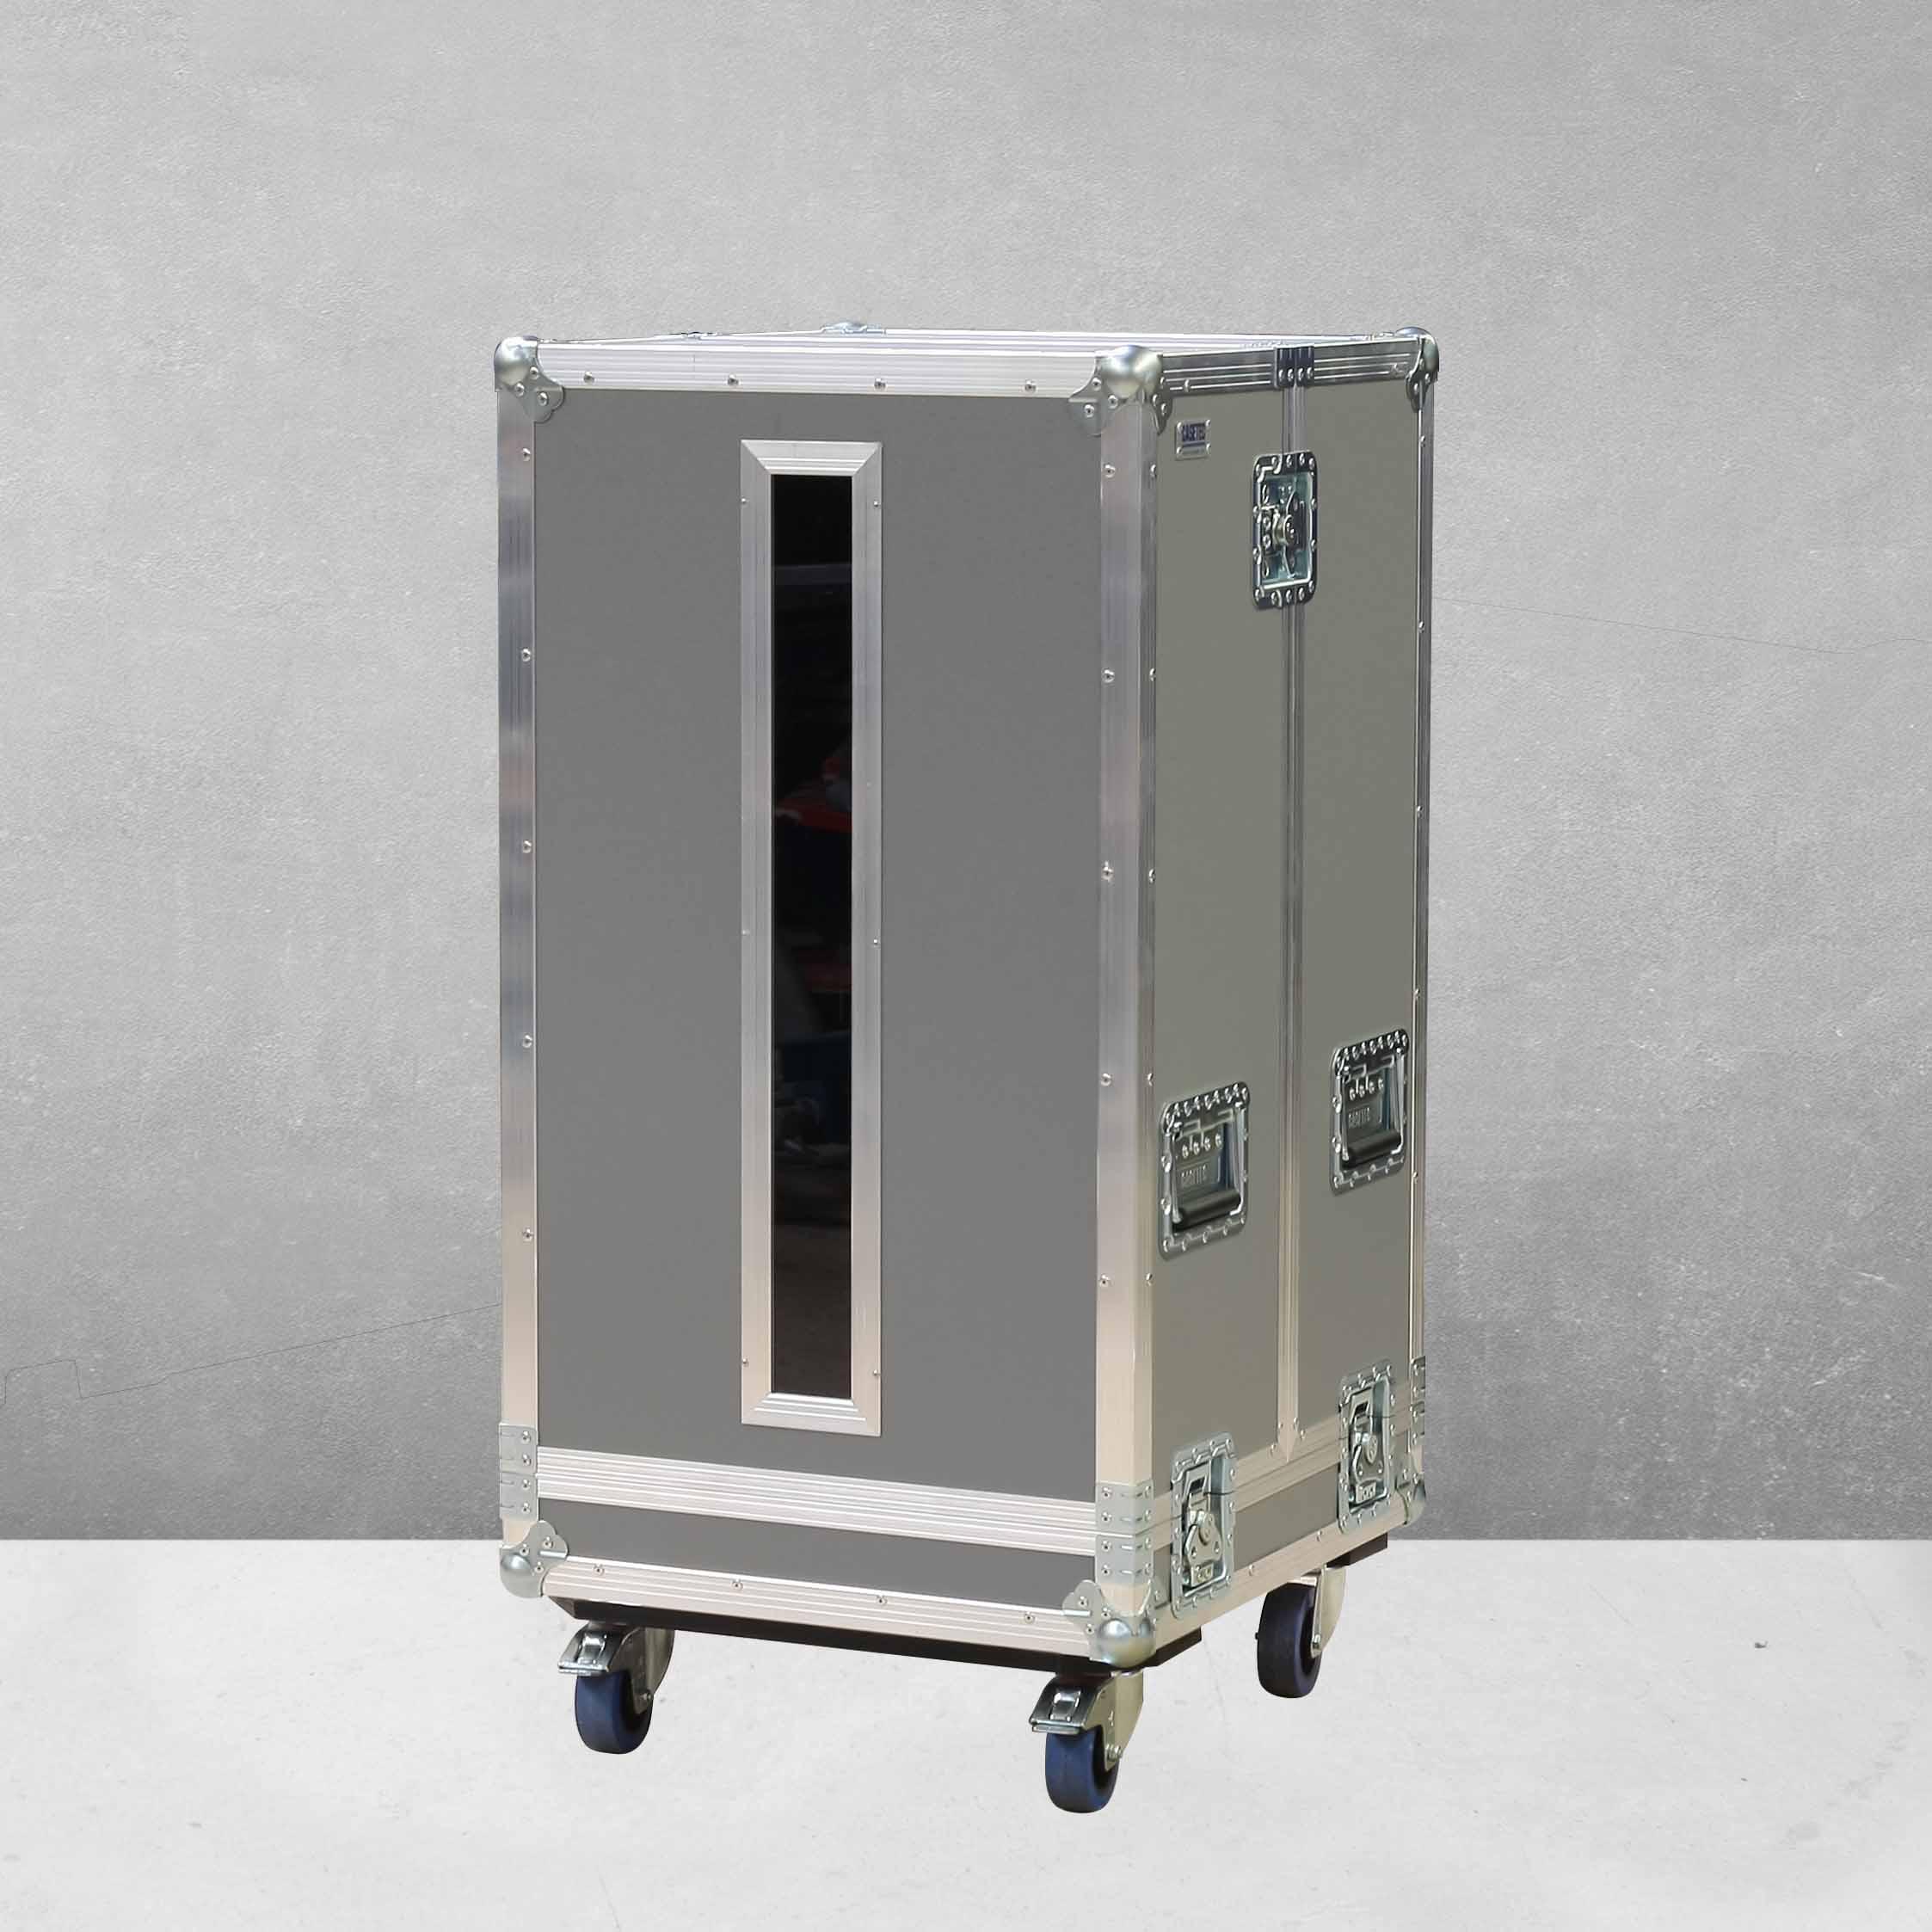 Haubencase für Rackmodule (Case-in-Case) 120cm Höhe